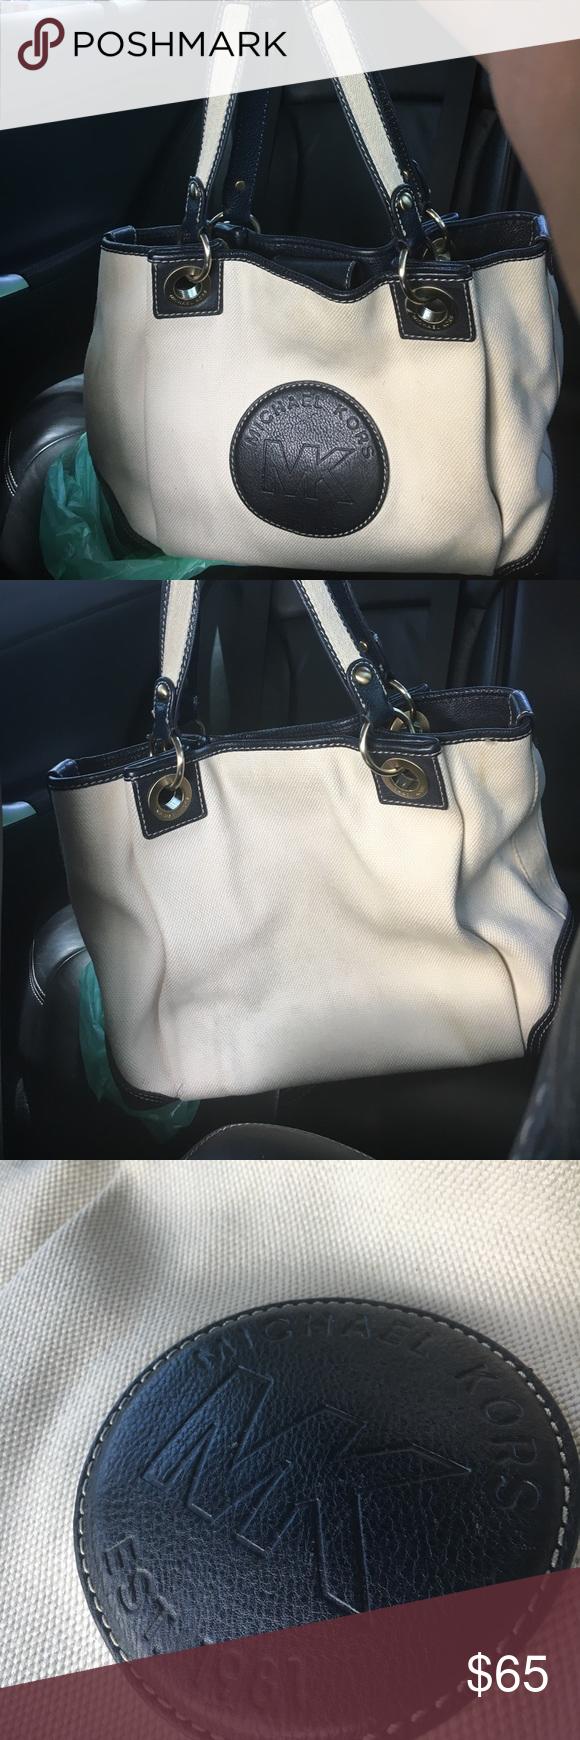 Women Bags on | Michael kors tote bags, Bags, Michael kors bag